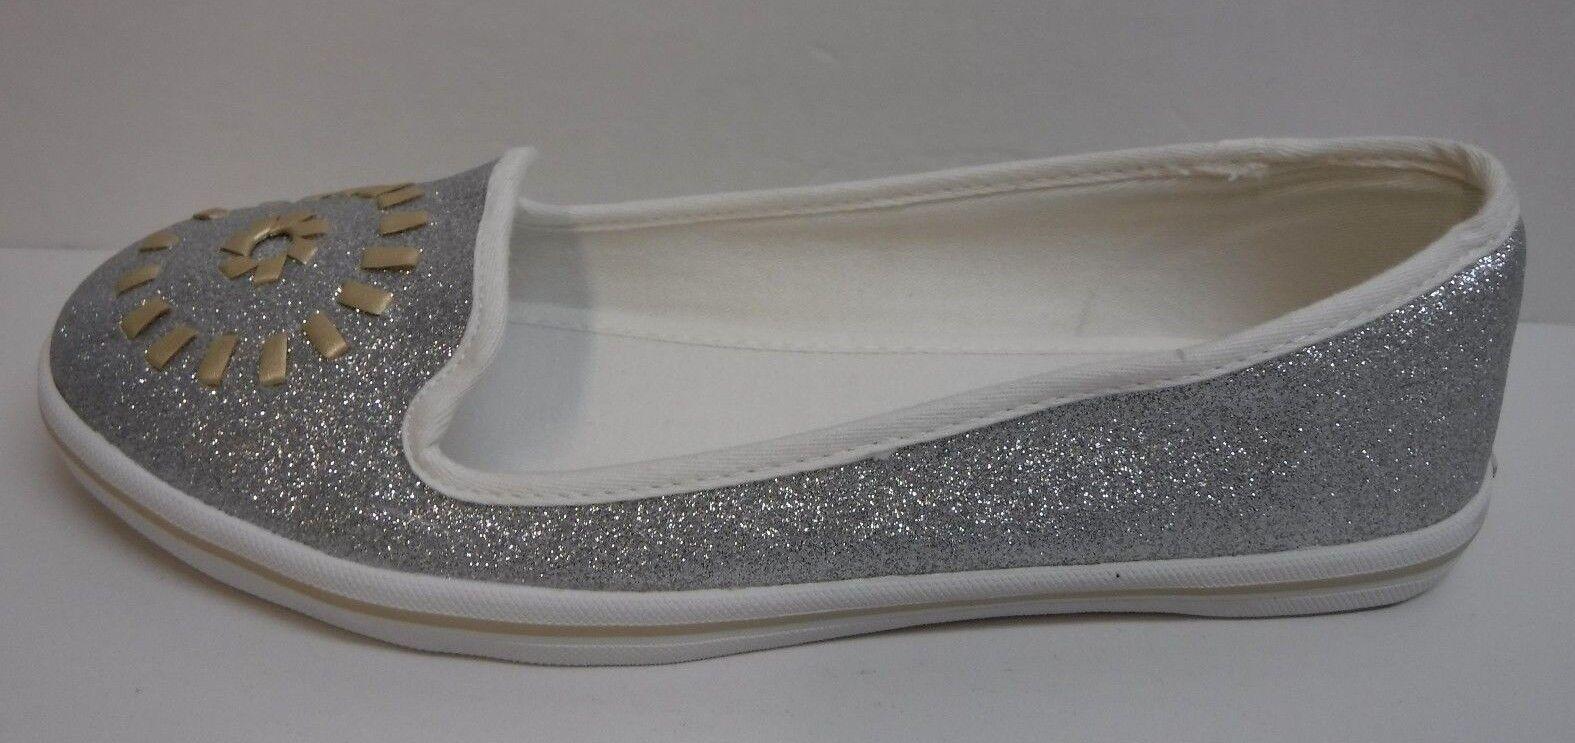 Jack Rogers Größe 8.5 Silver Glitter  Loafers Flats NEU Damenschuhe Schuhes